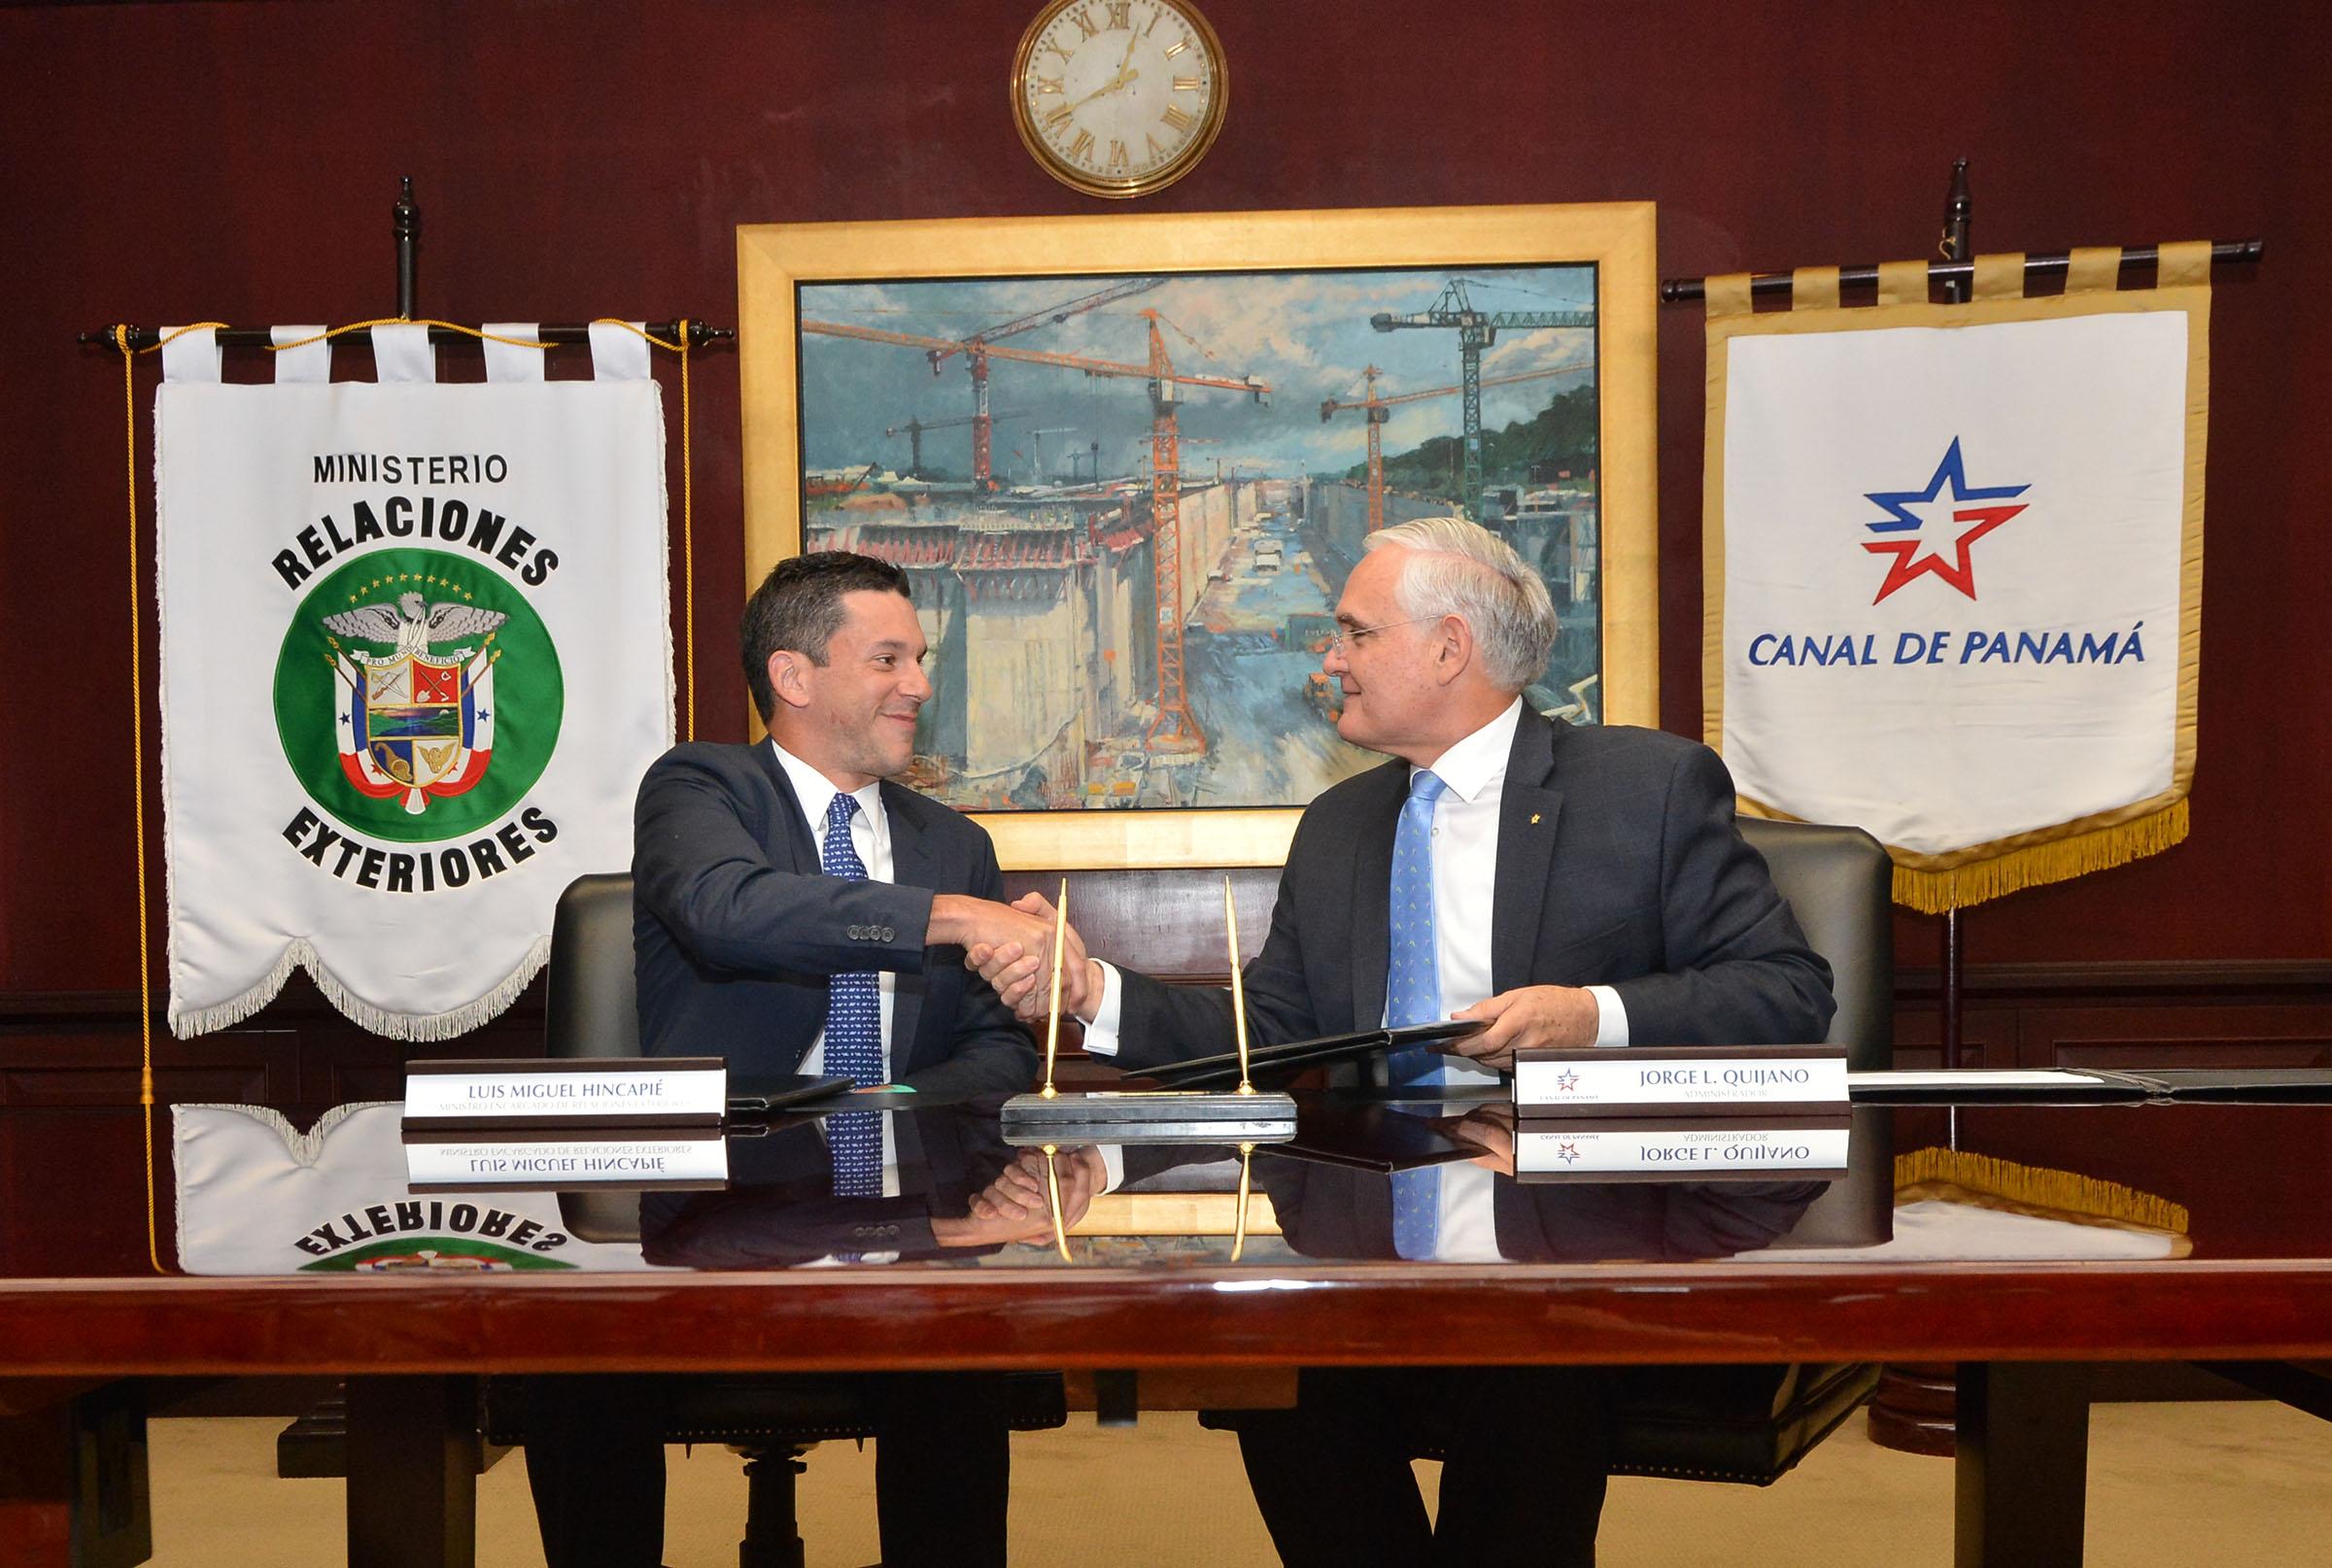 Convenio con el Ministerio de Relaciones Exteriores